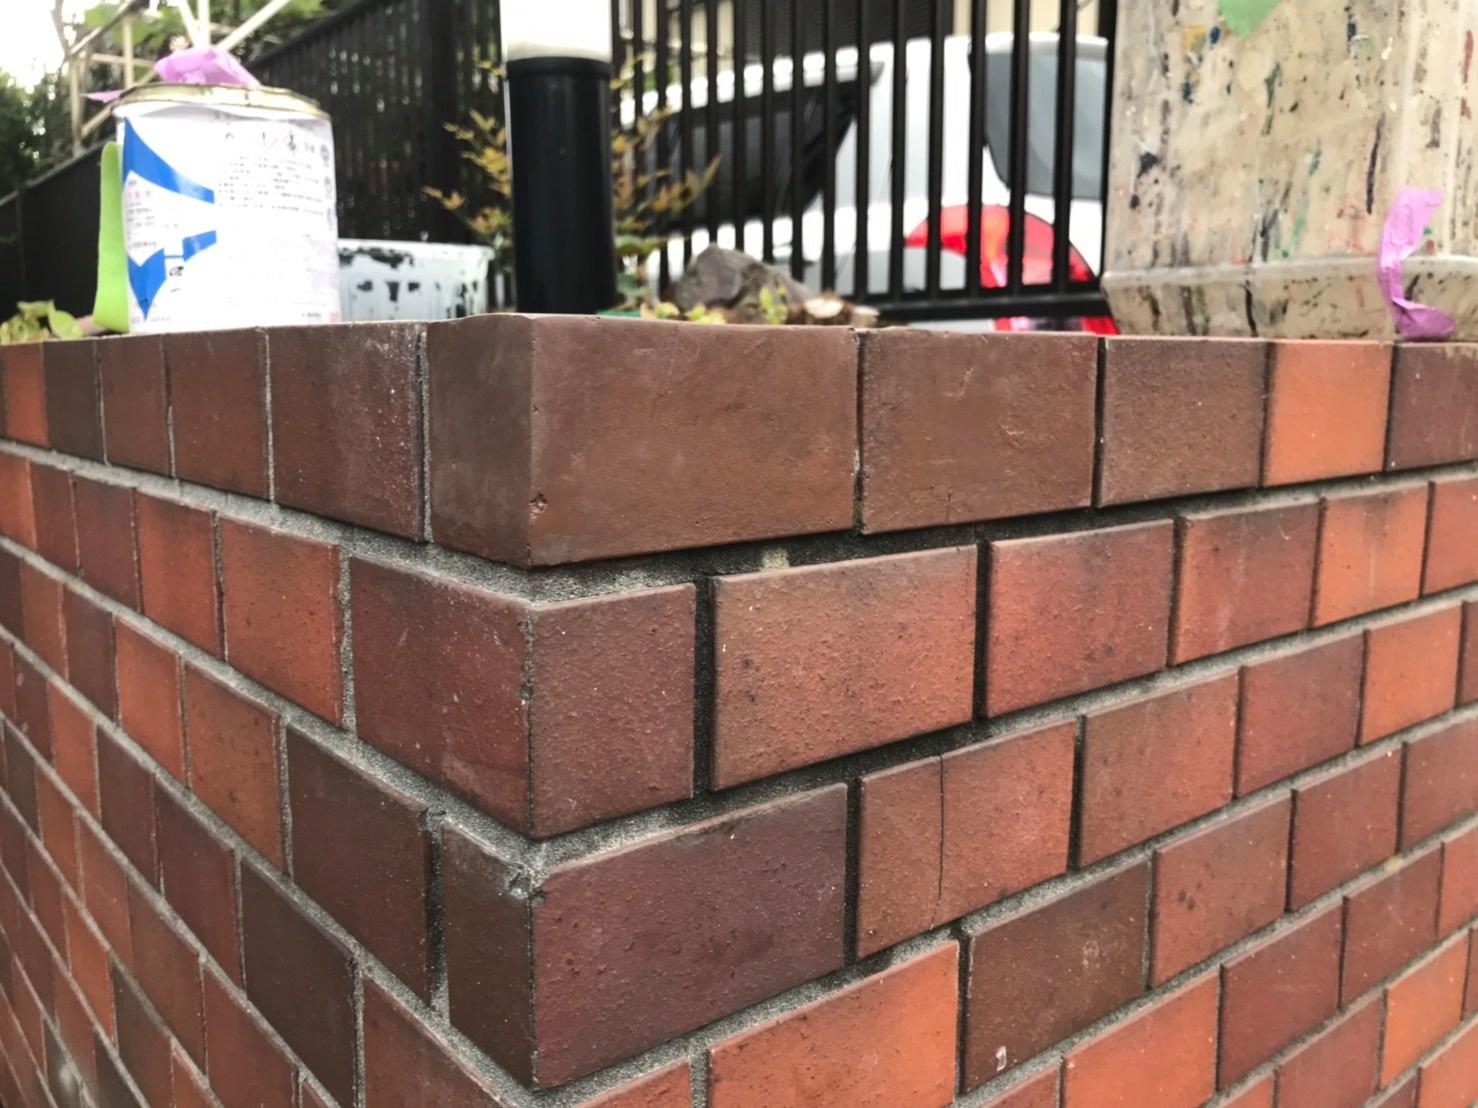 千葉県柏市のW様邸外構レンガ破損修復工事